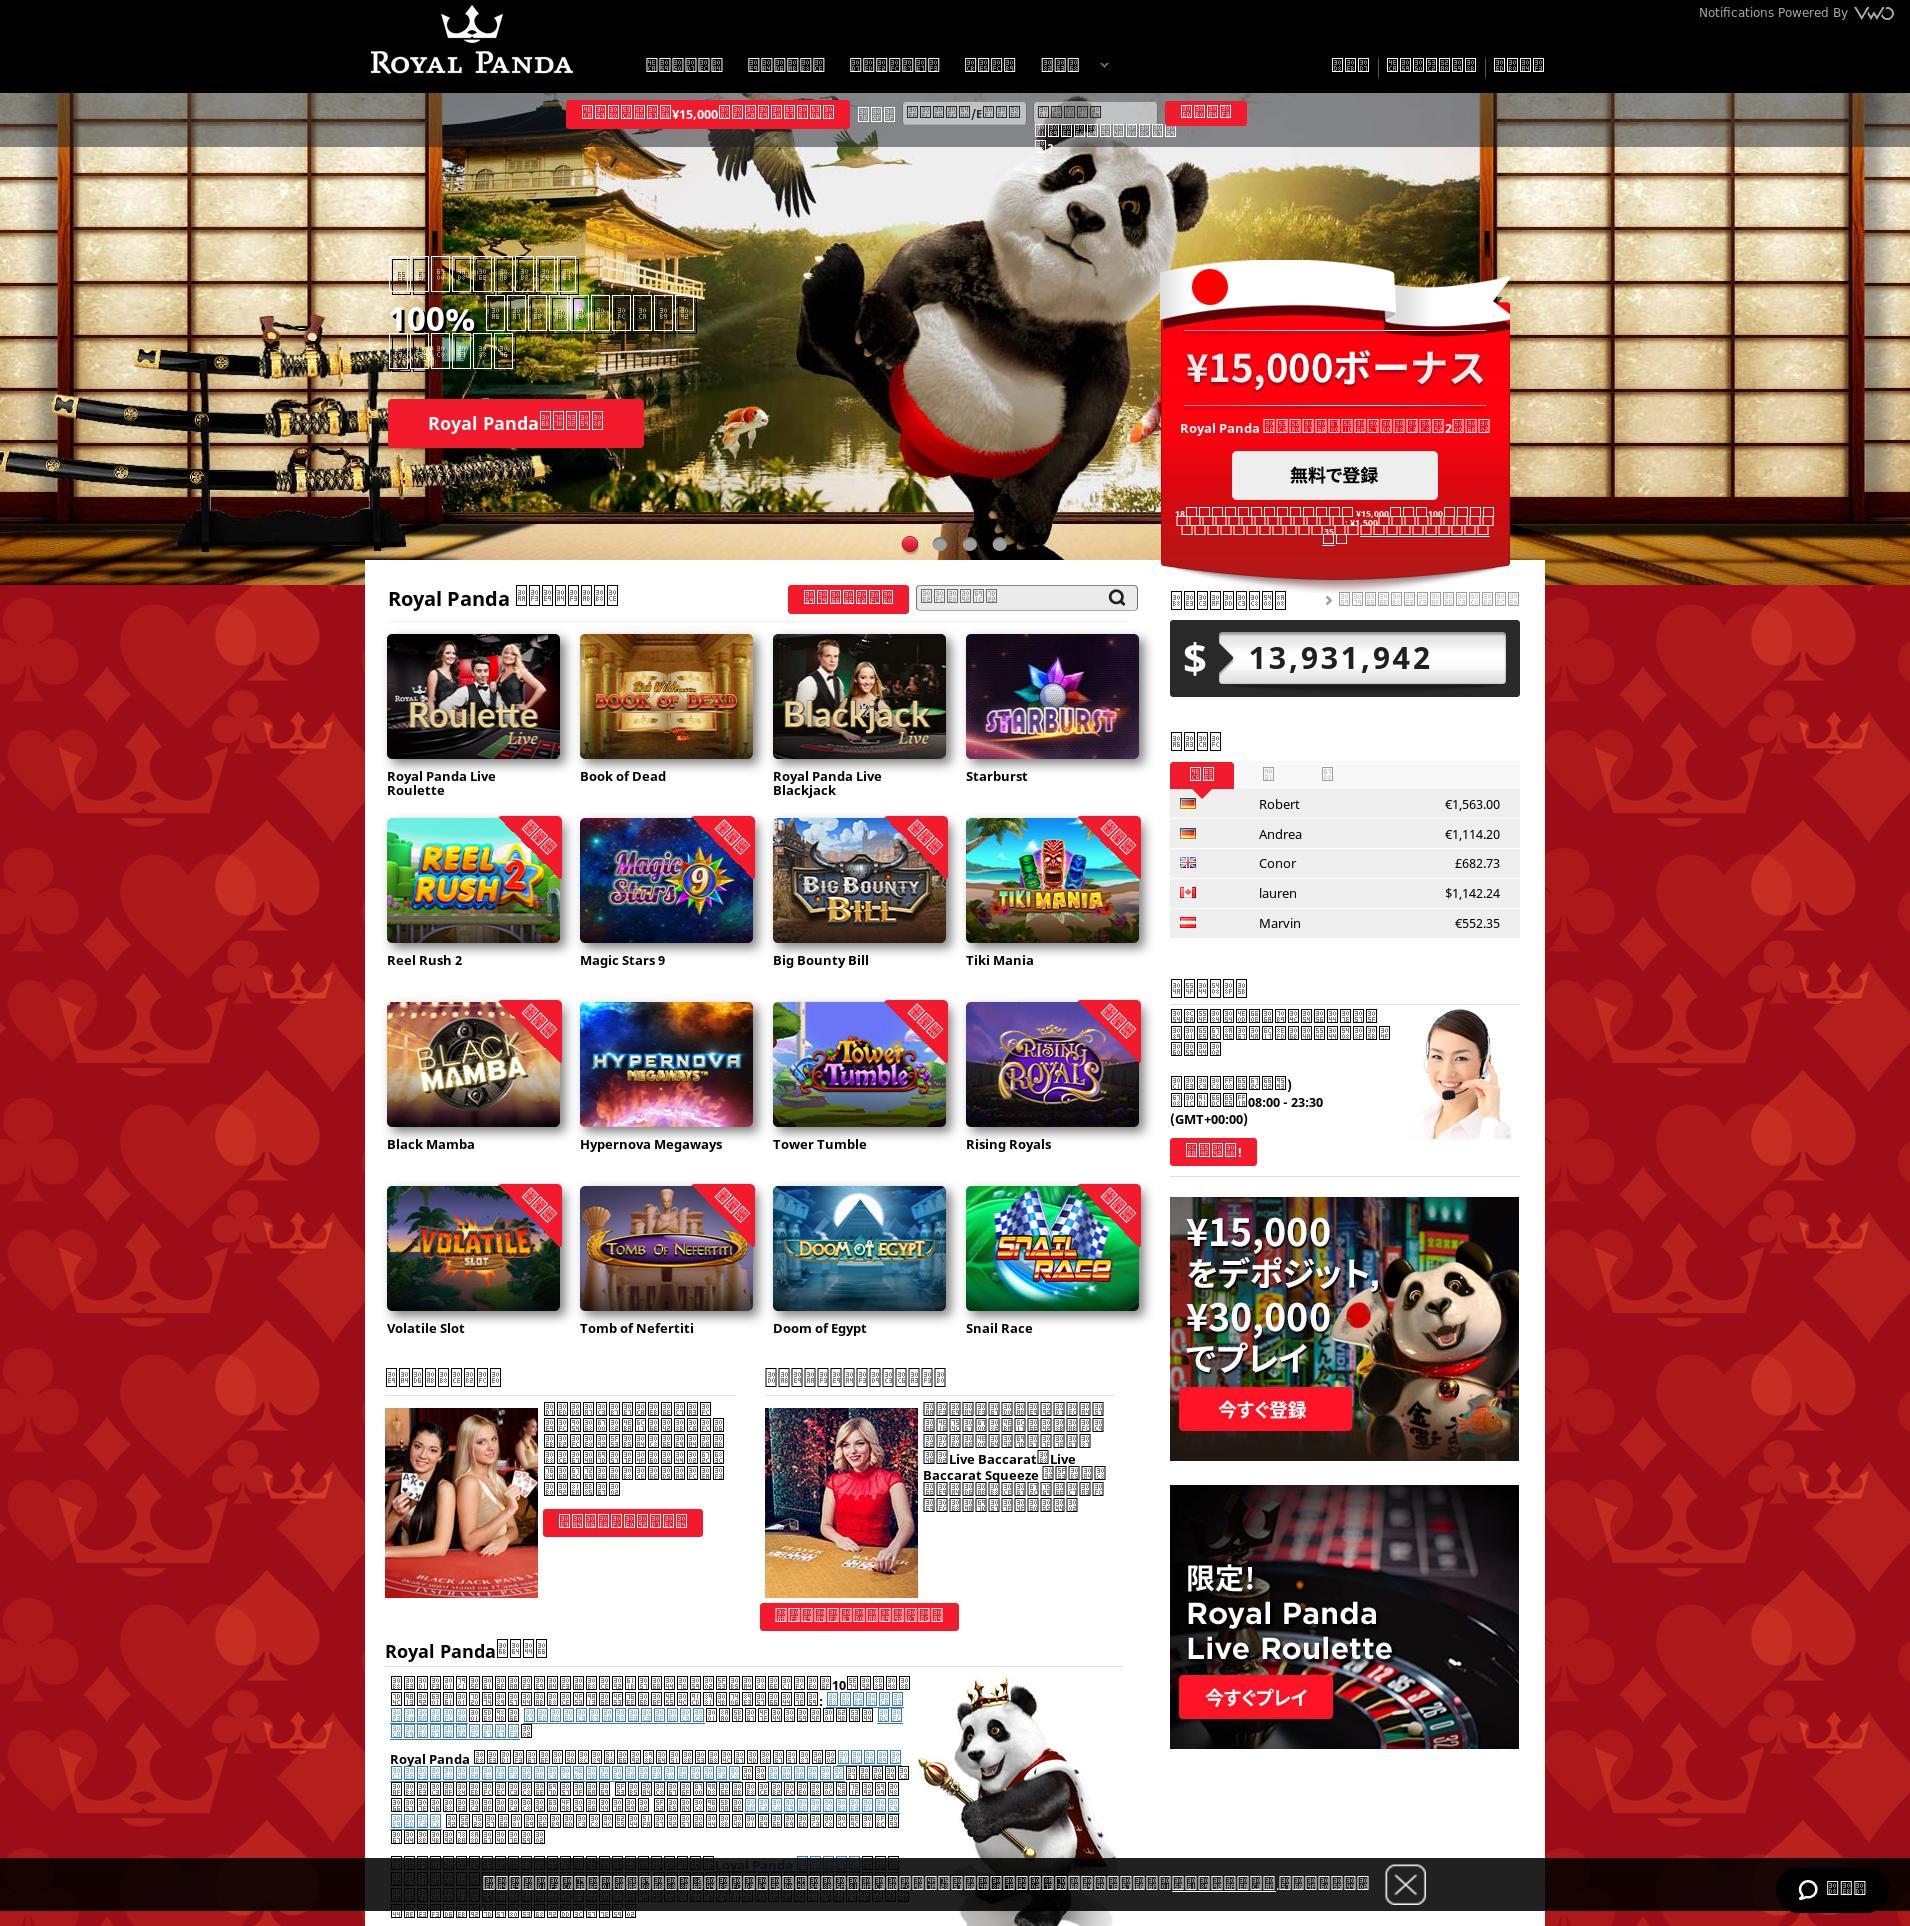 カジノのスクリーン Lobby 2019-11-20 ために 日本